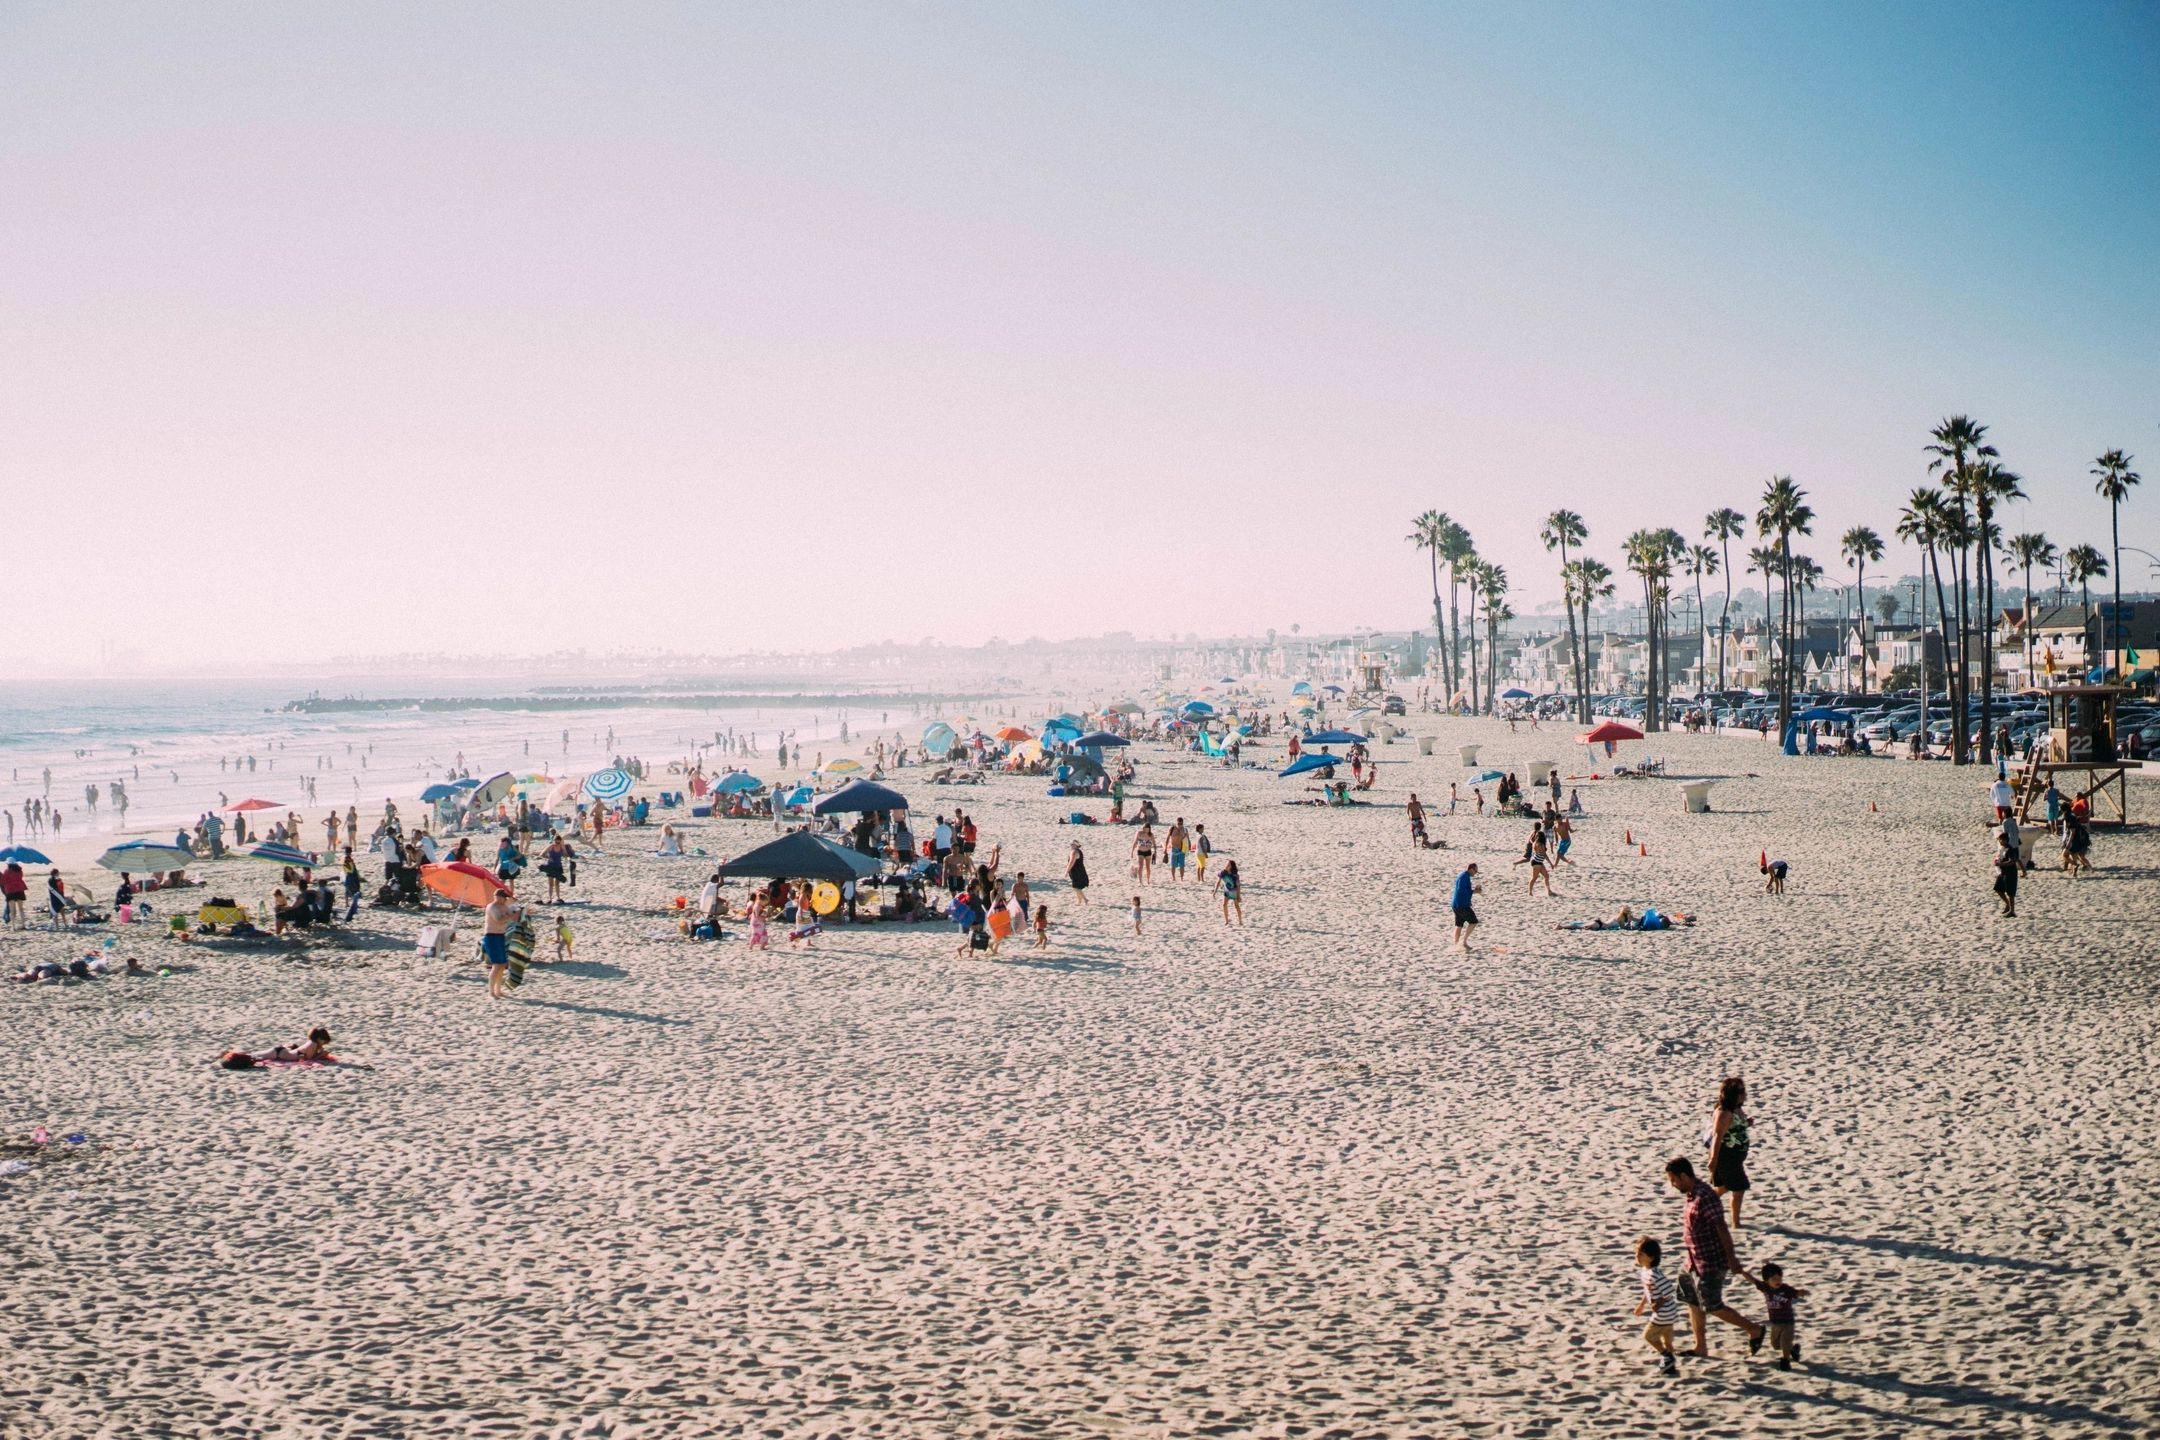 medical marijuana card doctors Belmont Shore Long Beach California